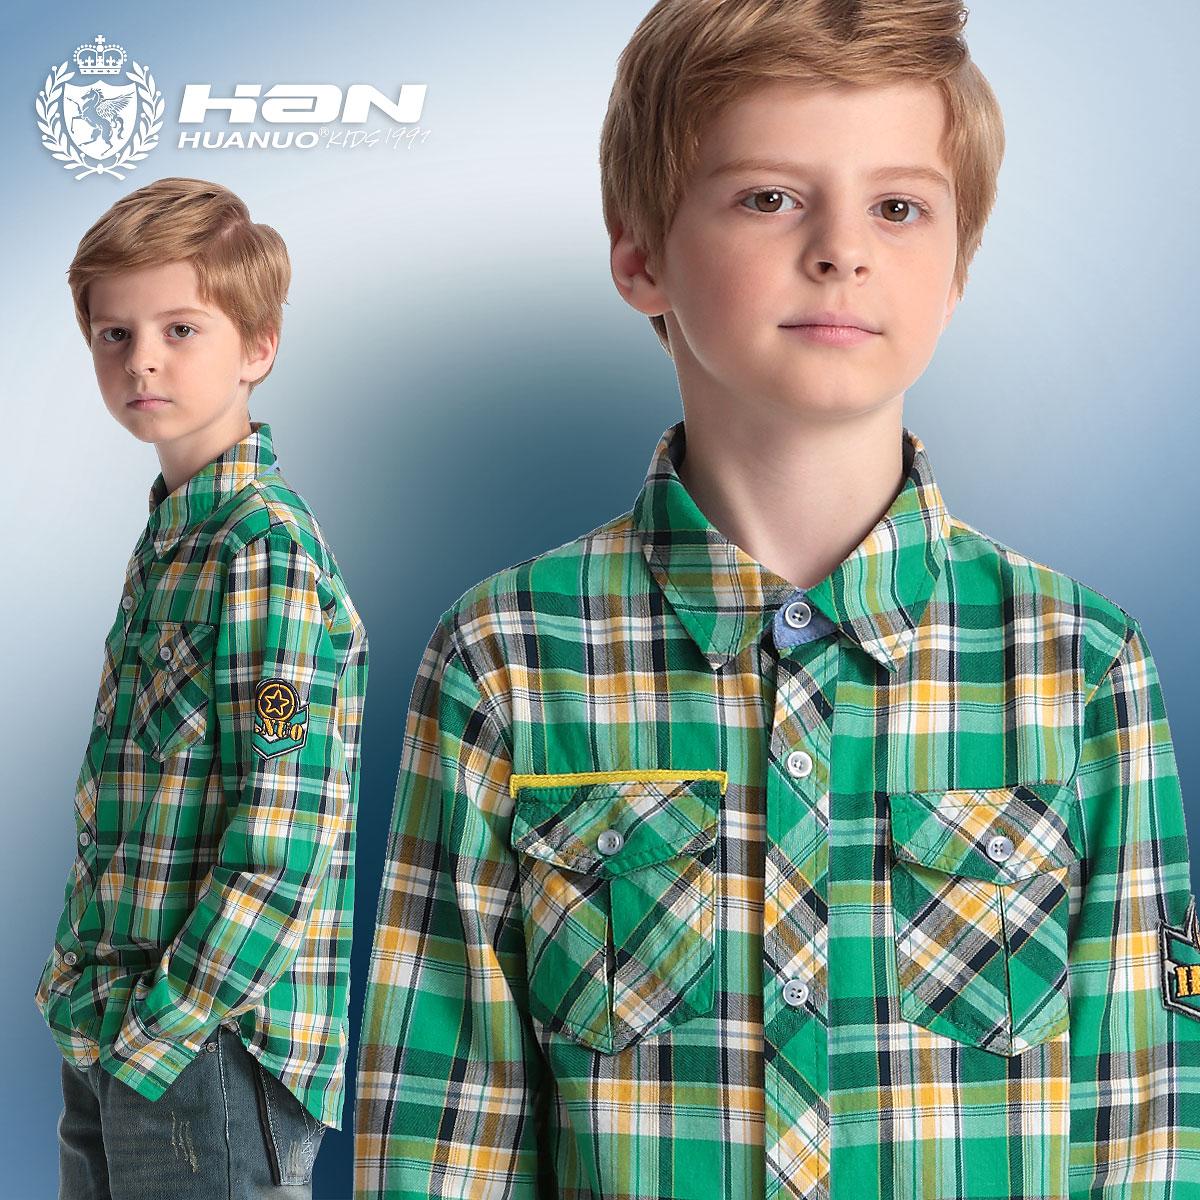 2015新款男童衬衫 长袖纯棉韩版宝宝衬衫男儿童衬衫 中大童大码